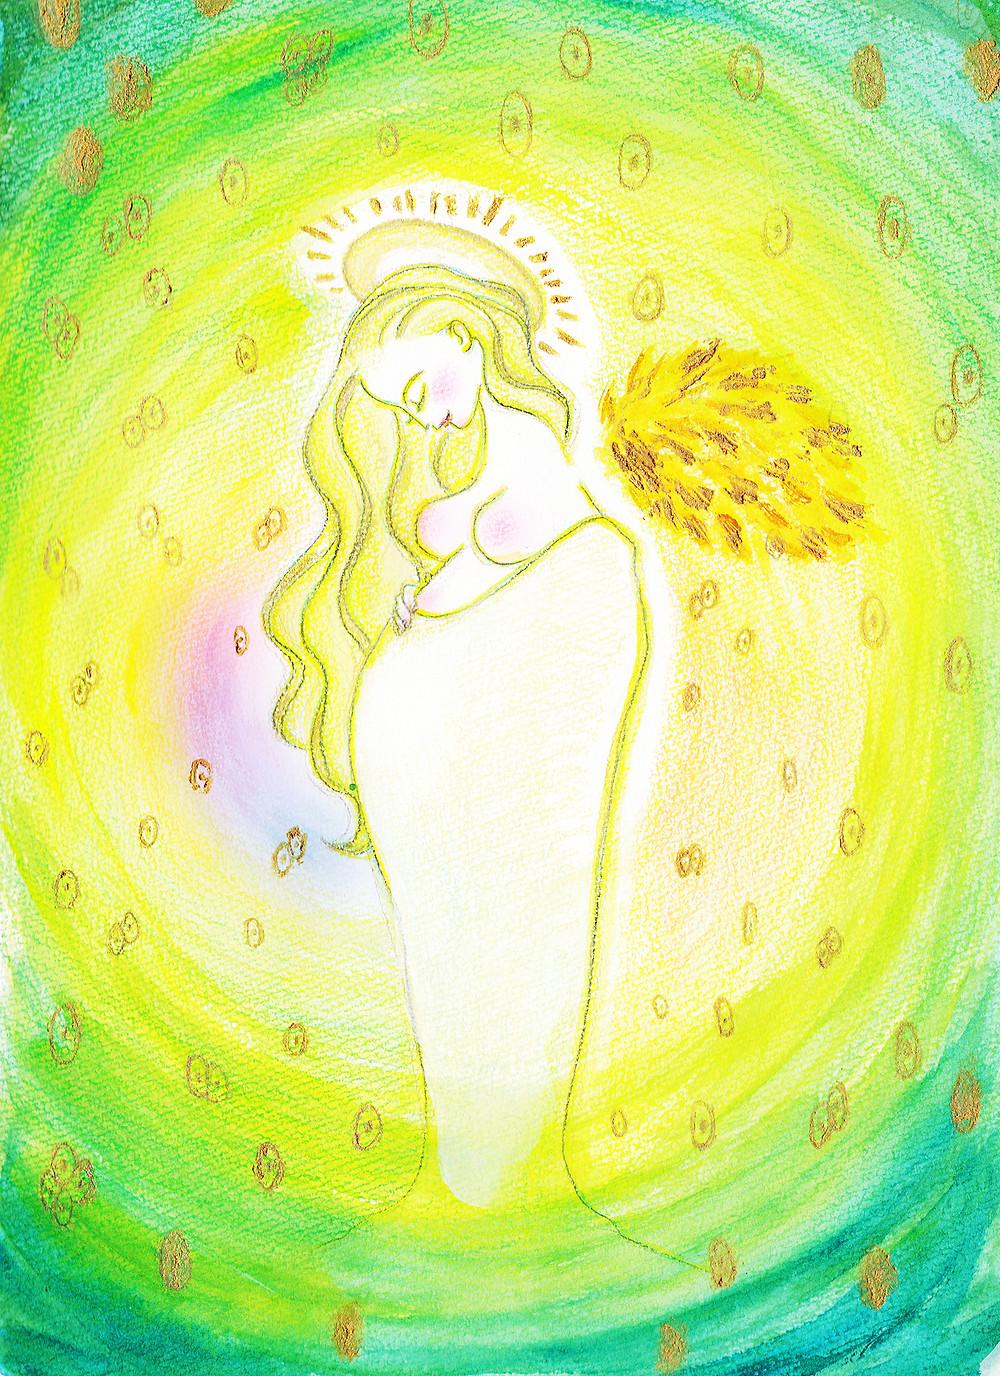 エネルギーアート【光に満ちる創造の力】